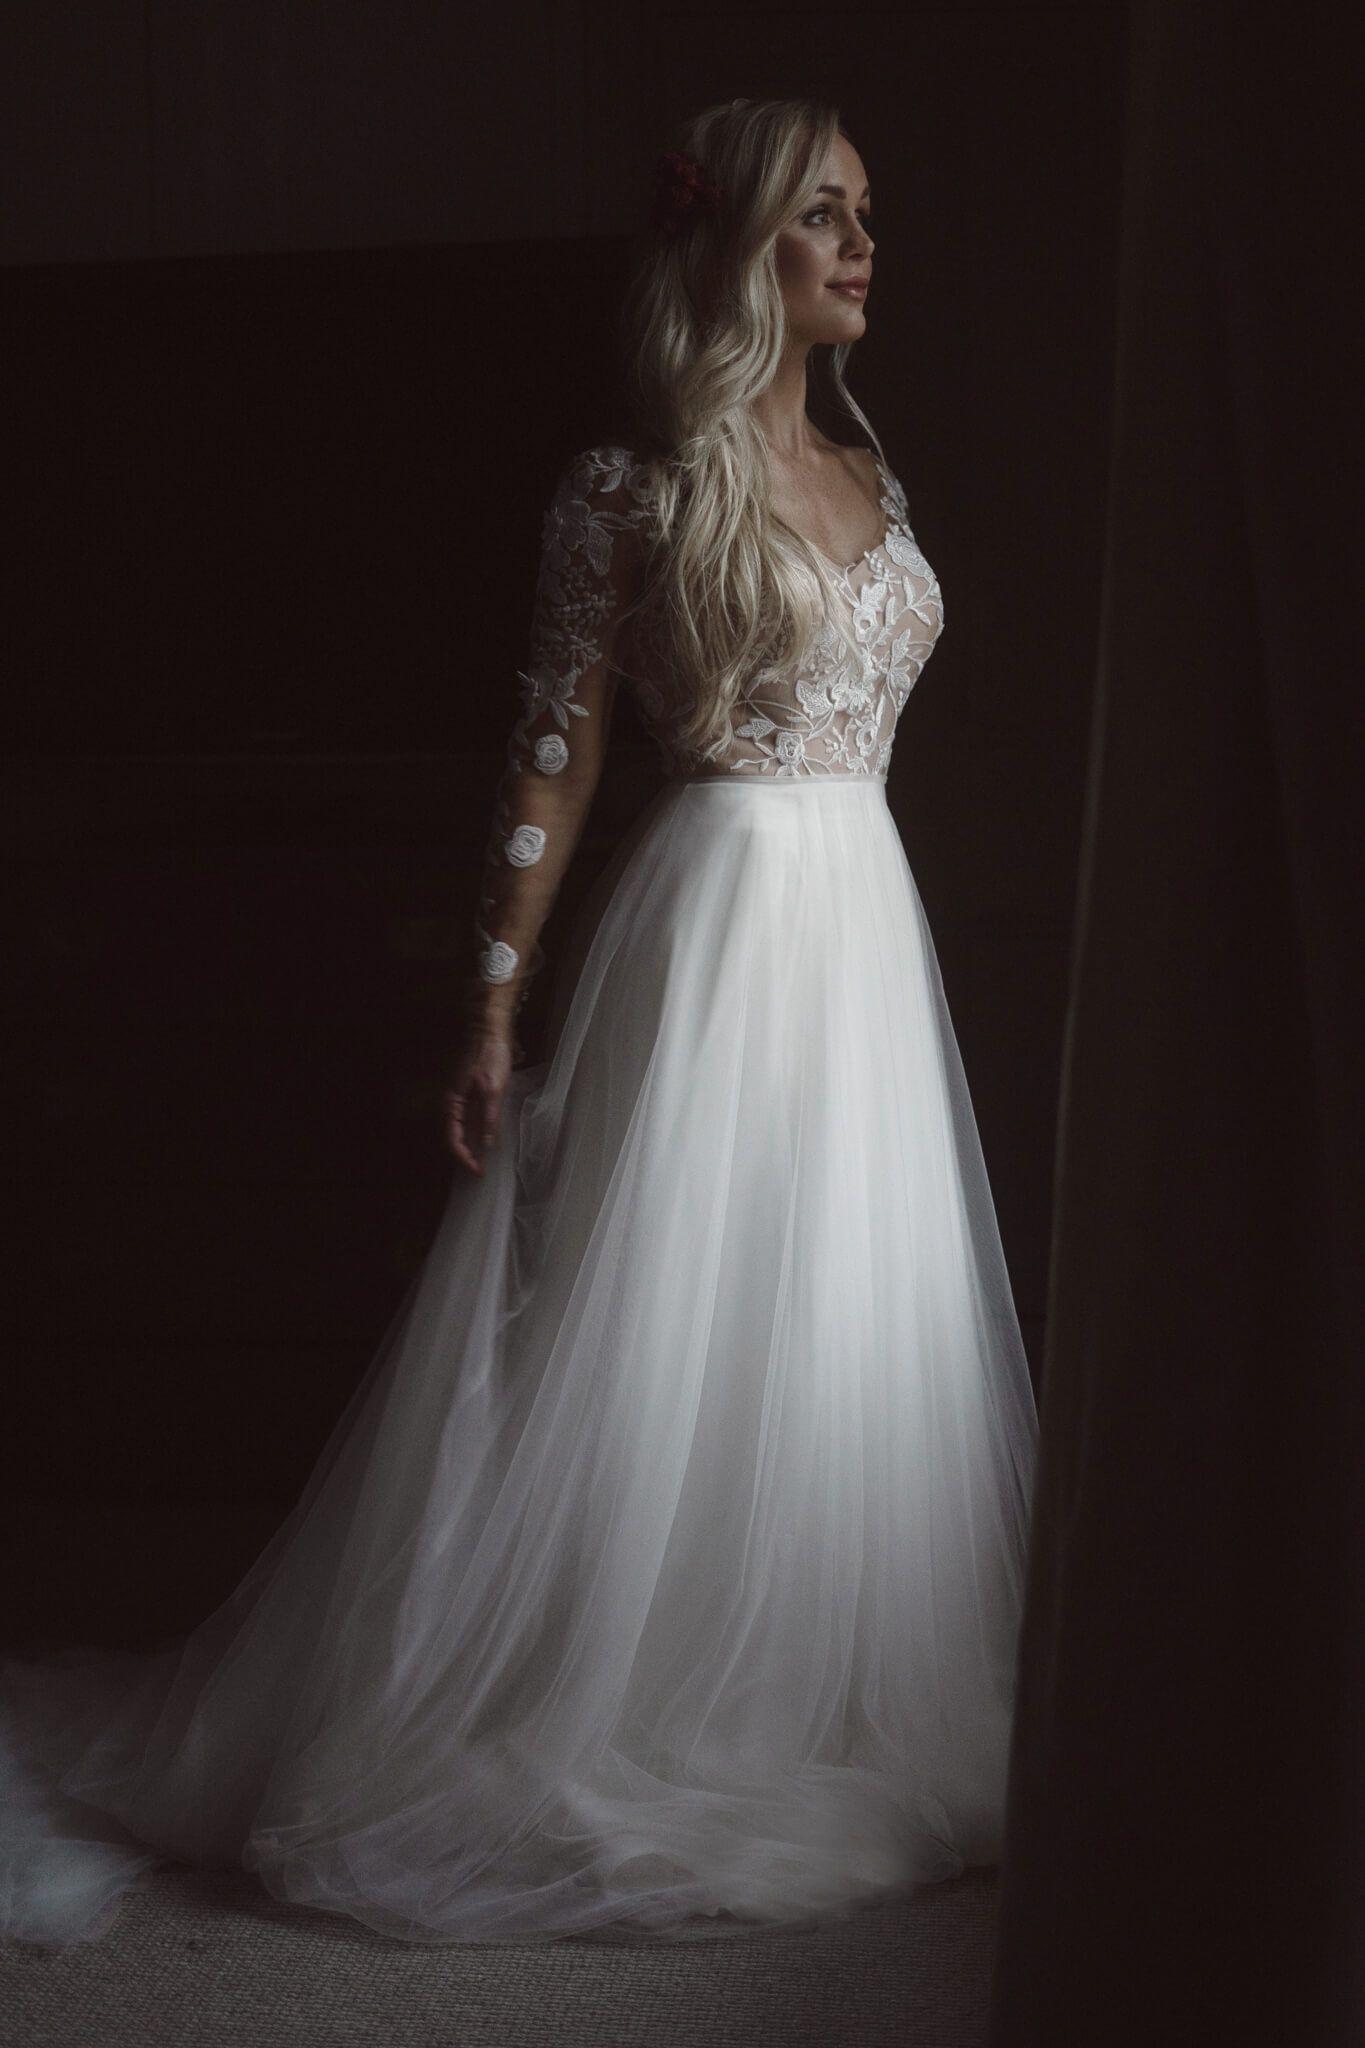 lace wedding dress boho wedding dress wedding dress shop near me bridal shop near me 9 5